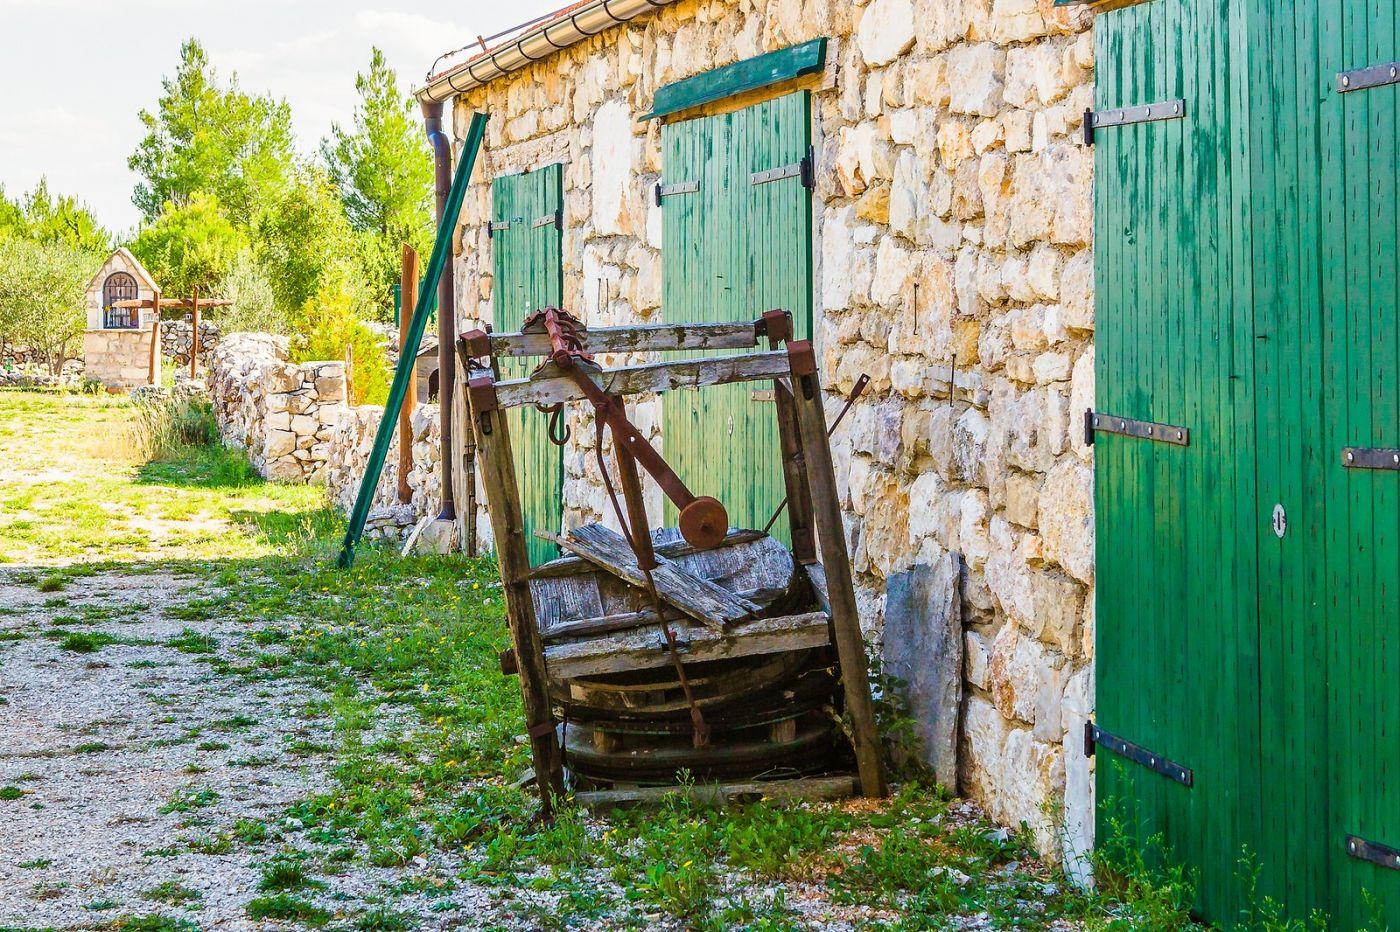 克罗地亚达尔马提亚村,独特的地域风貌_图1-2